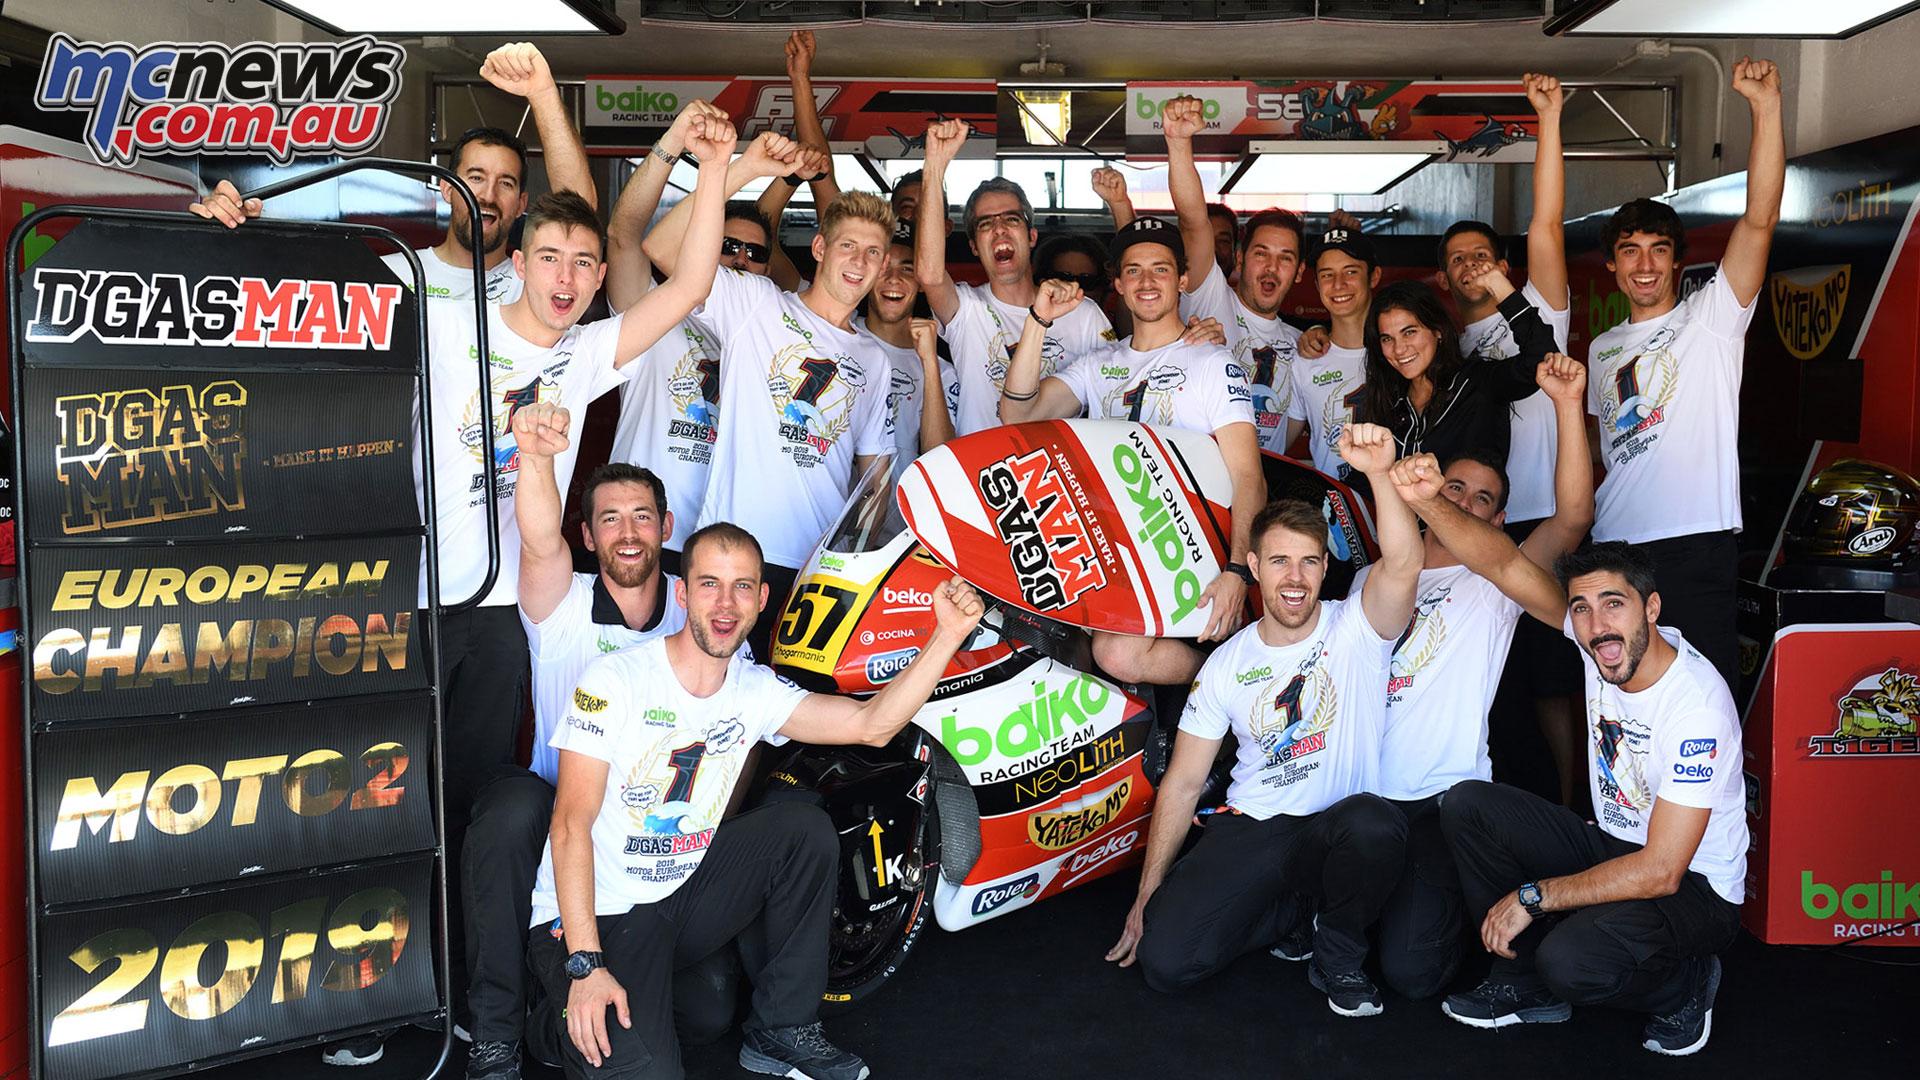 FIM CEV Repsol Rnd Albacete Edgar Pons Moto Champion